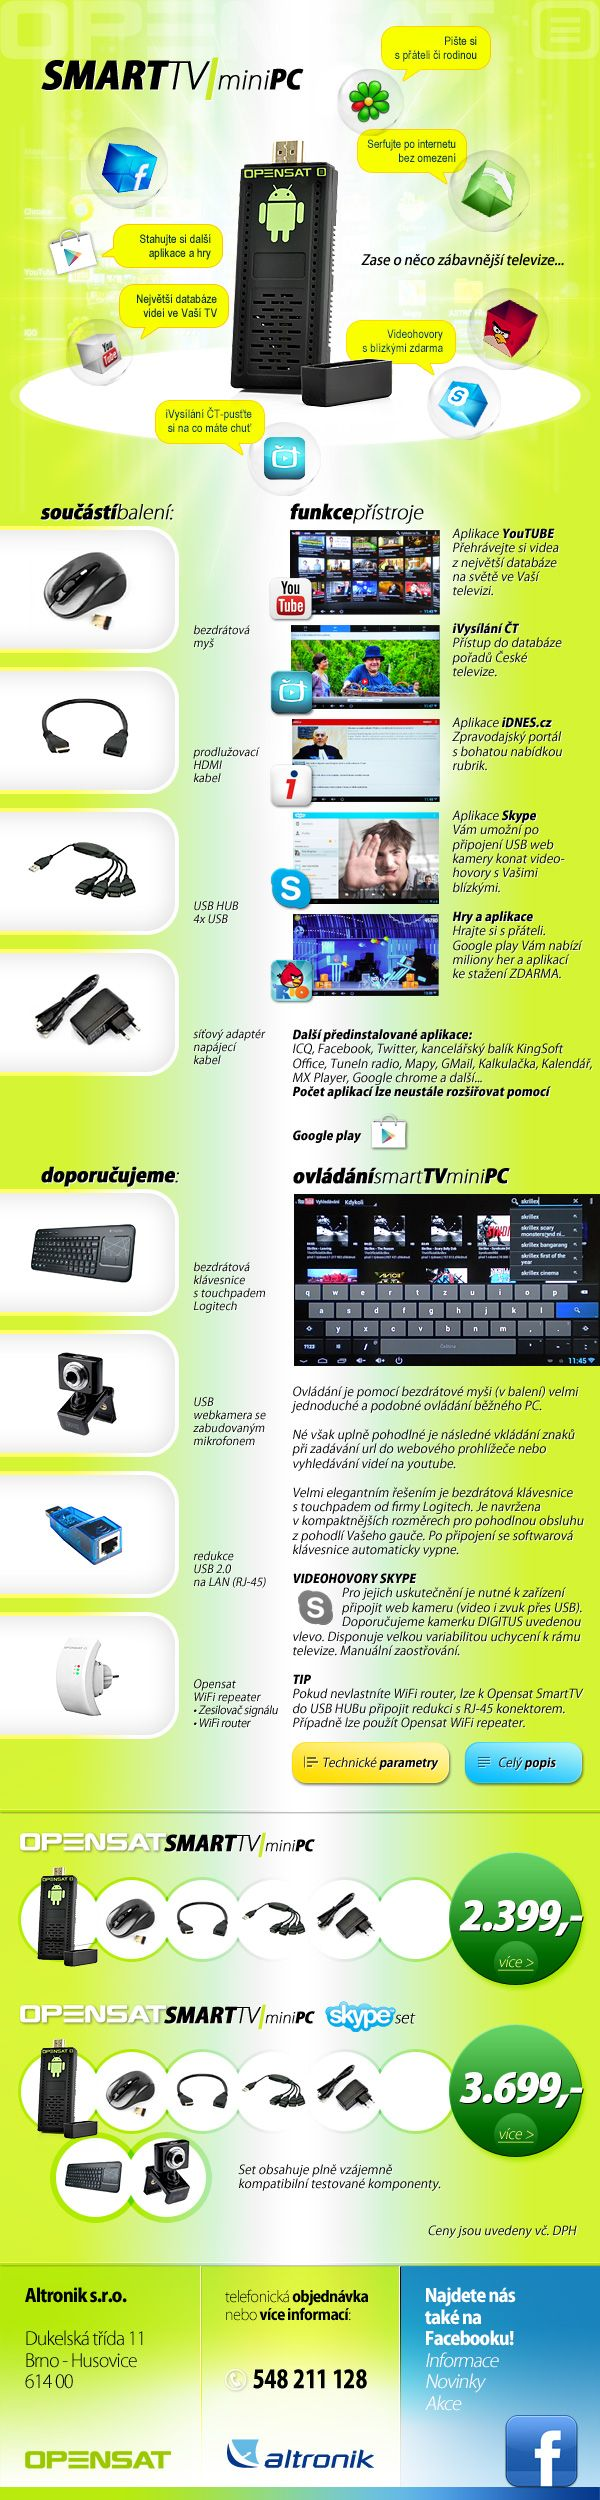 Opensat smart TV newsletter